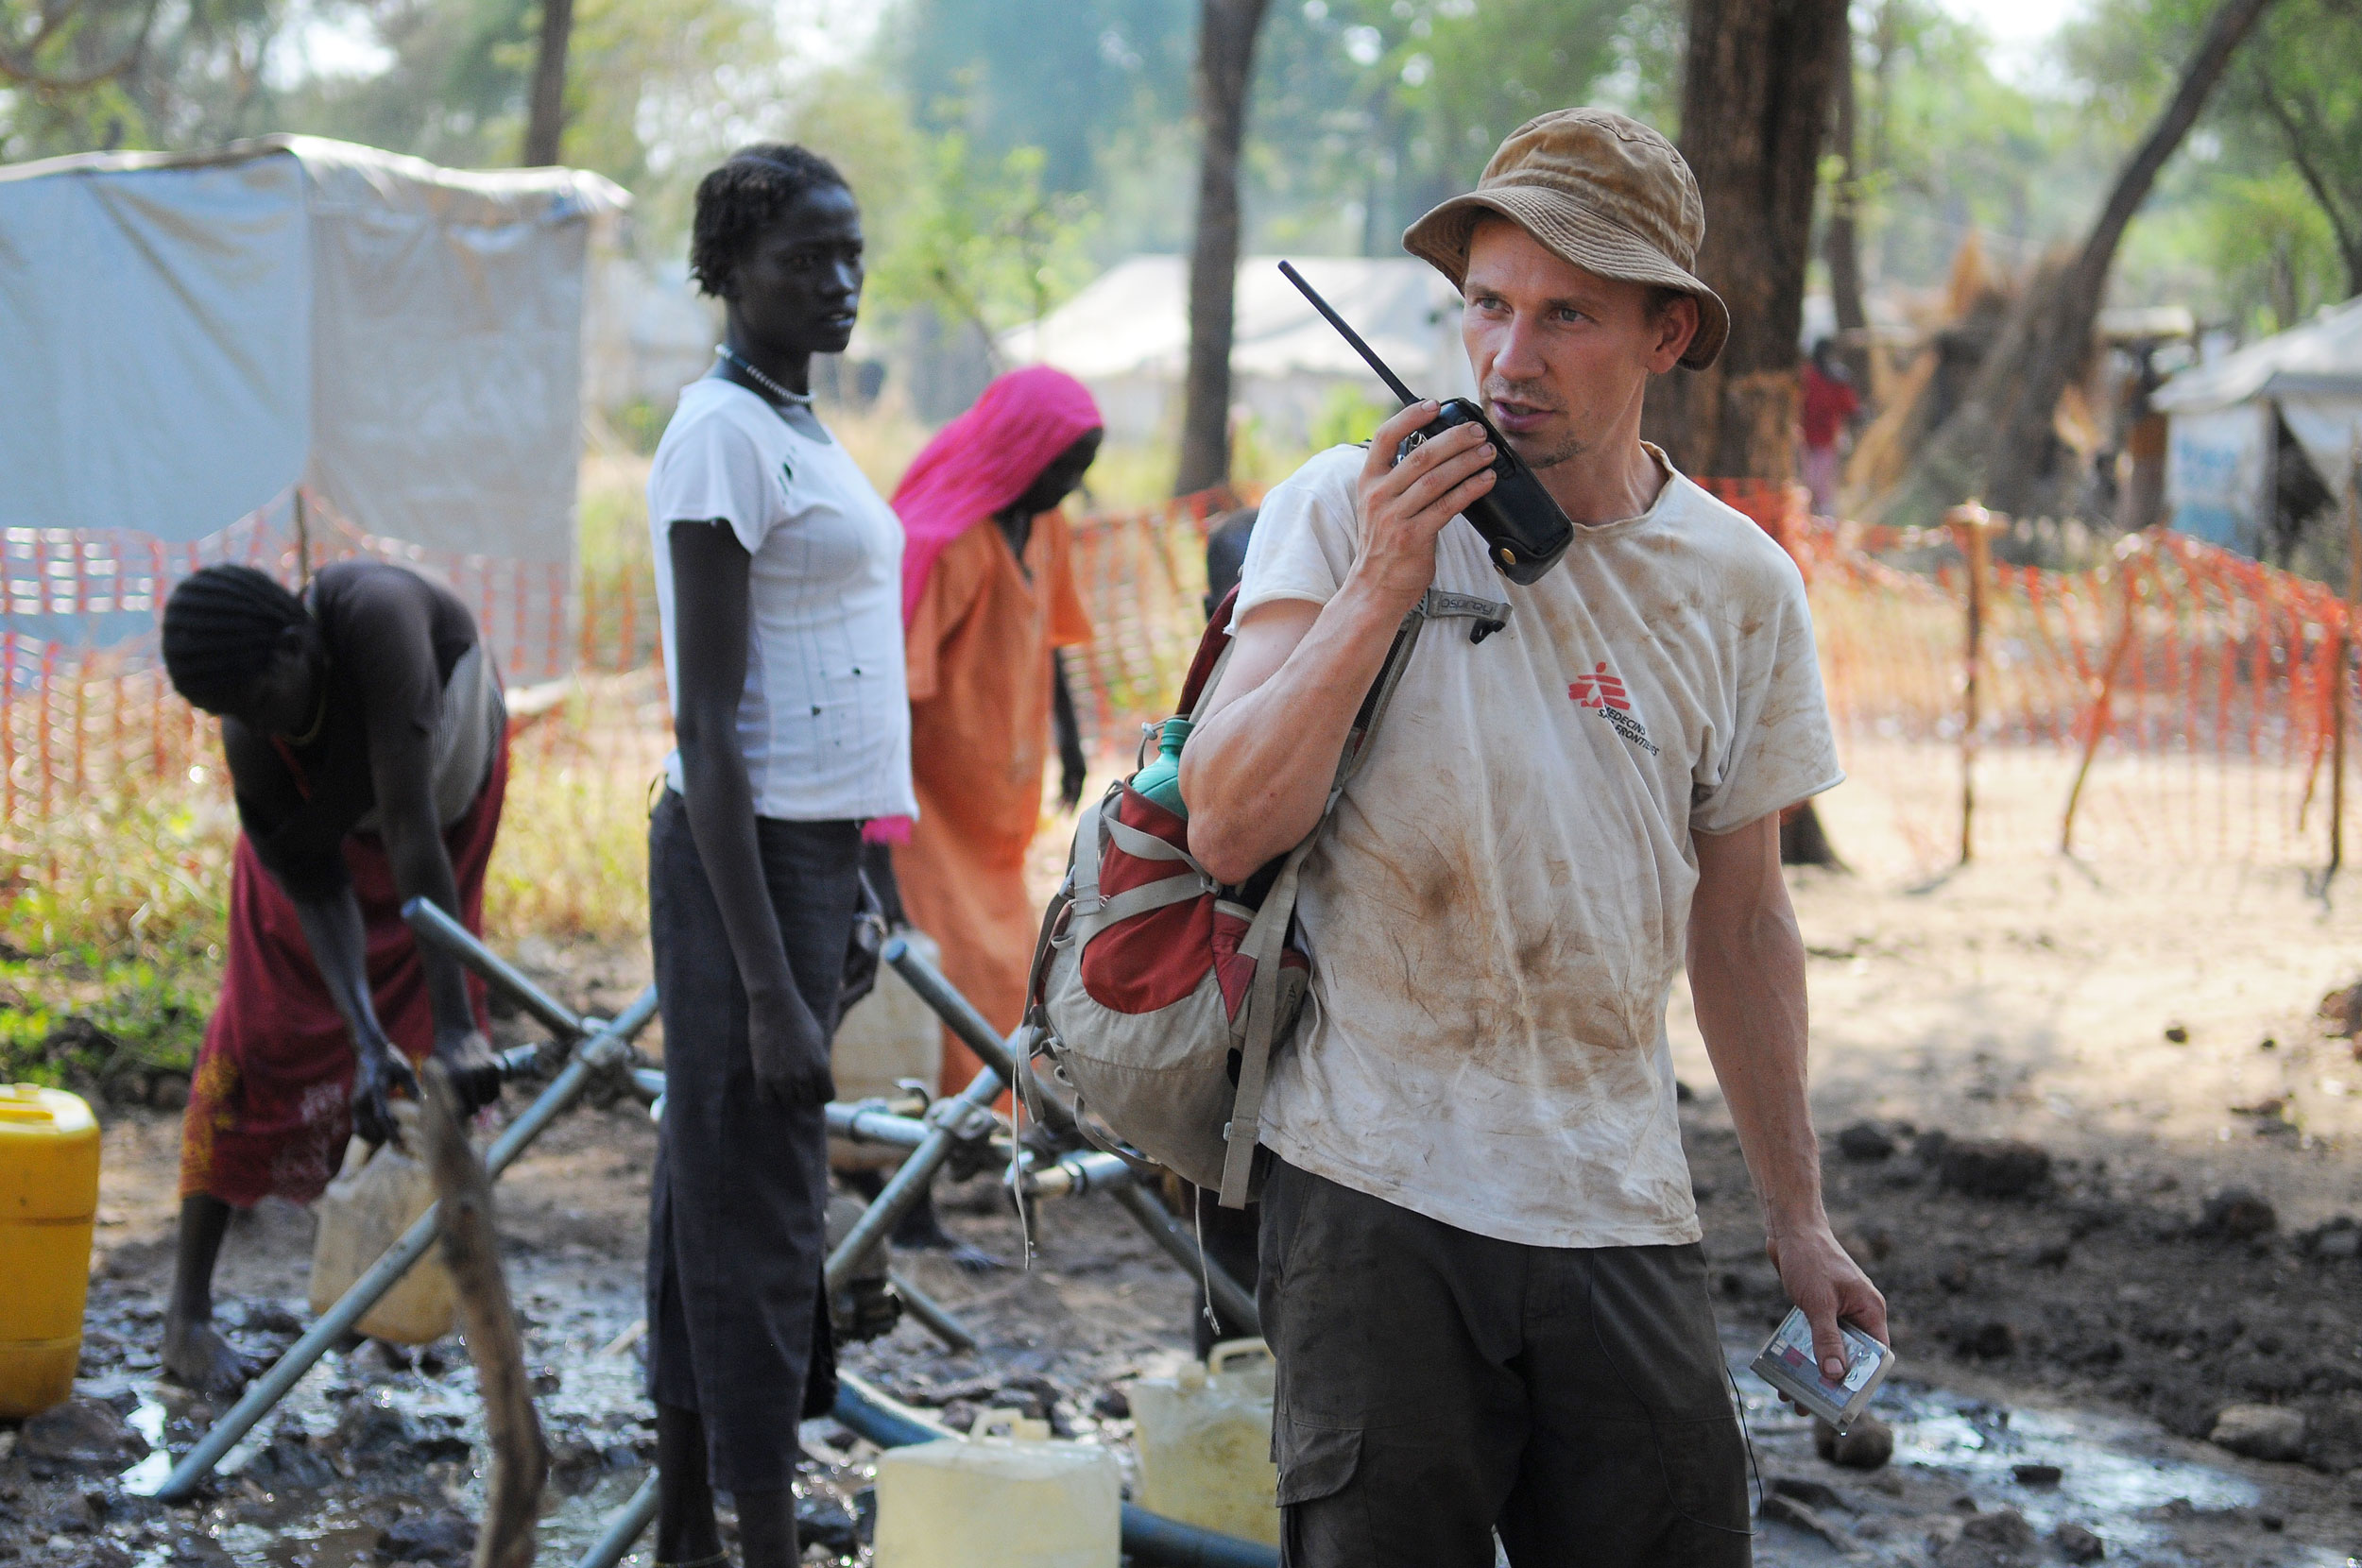 Vores vand og sanitetsekspert er med til at lave et nyt borehul for at få rent vand.